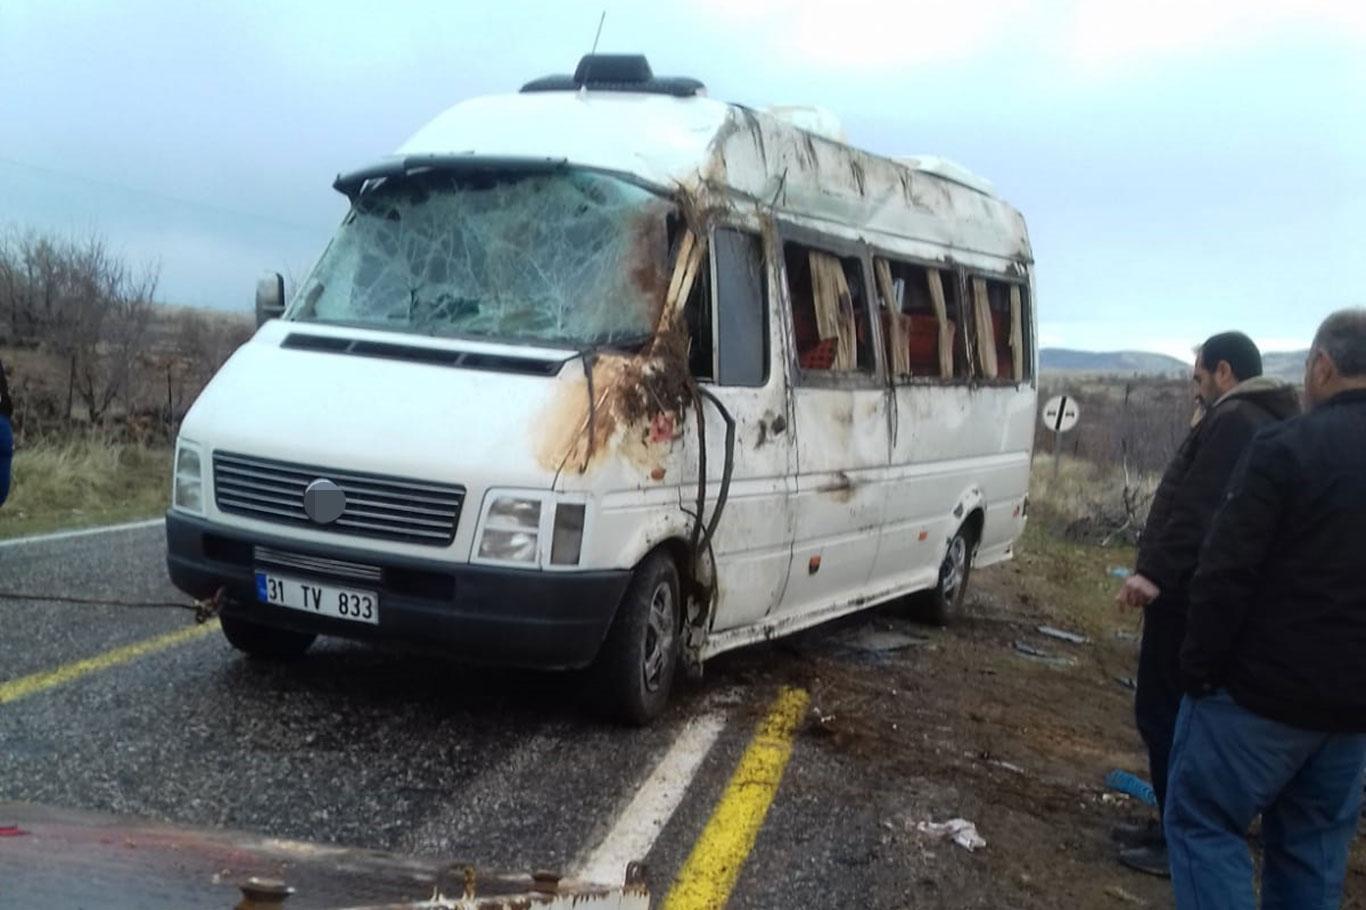 Taziyeye giden minibüs devrildi: 9 yaralı